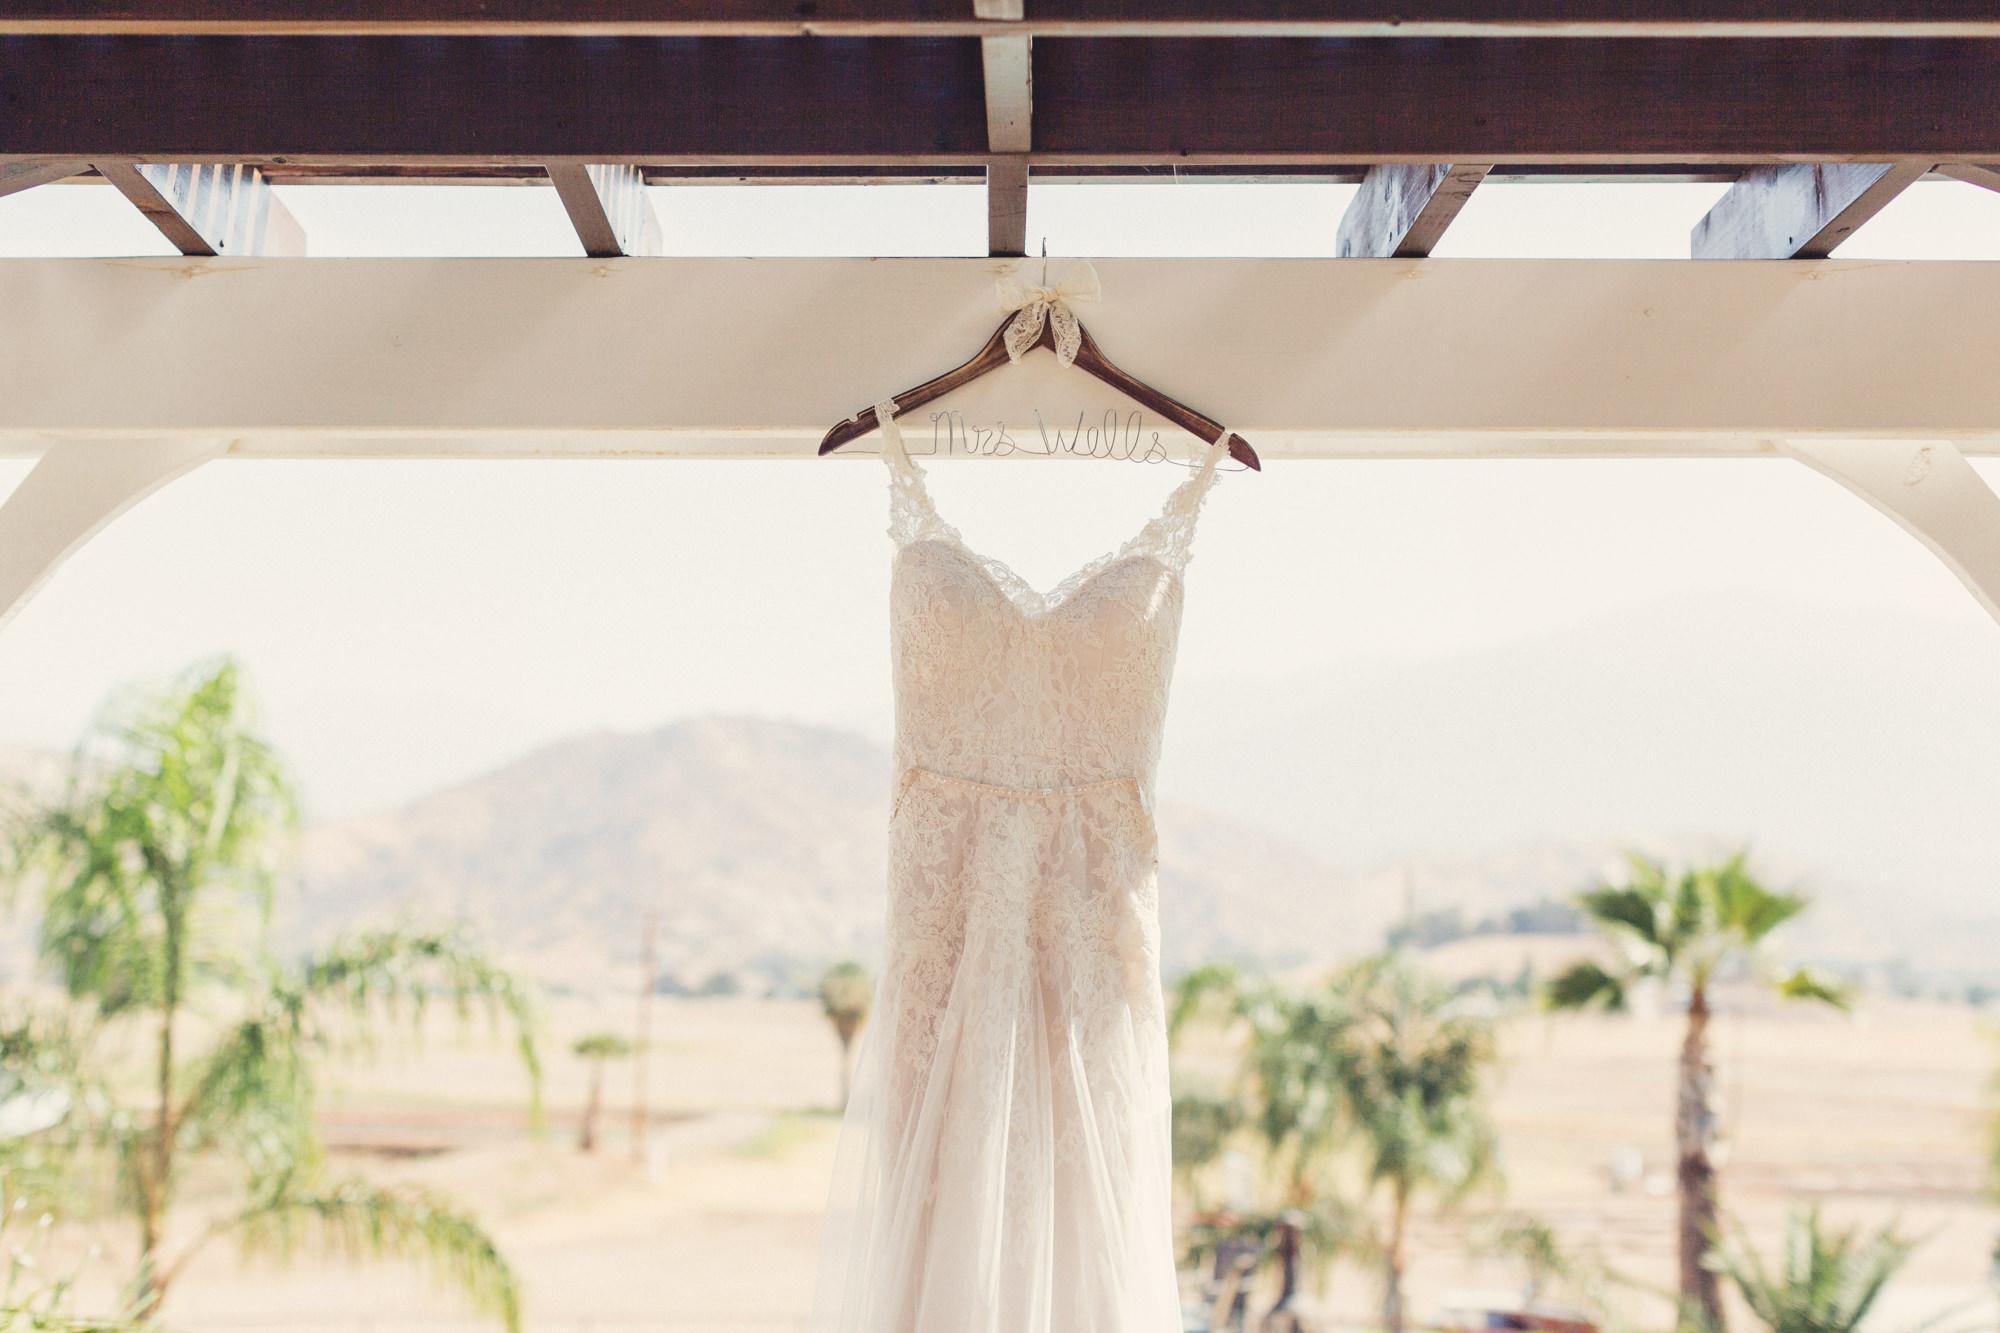 Rustic wedding in California ©Anne-Claire Brun 17